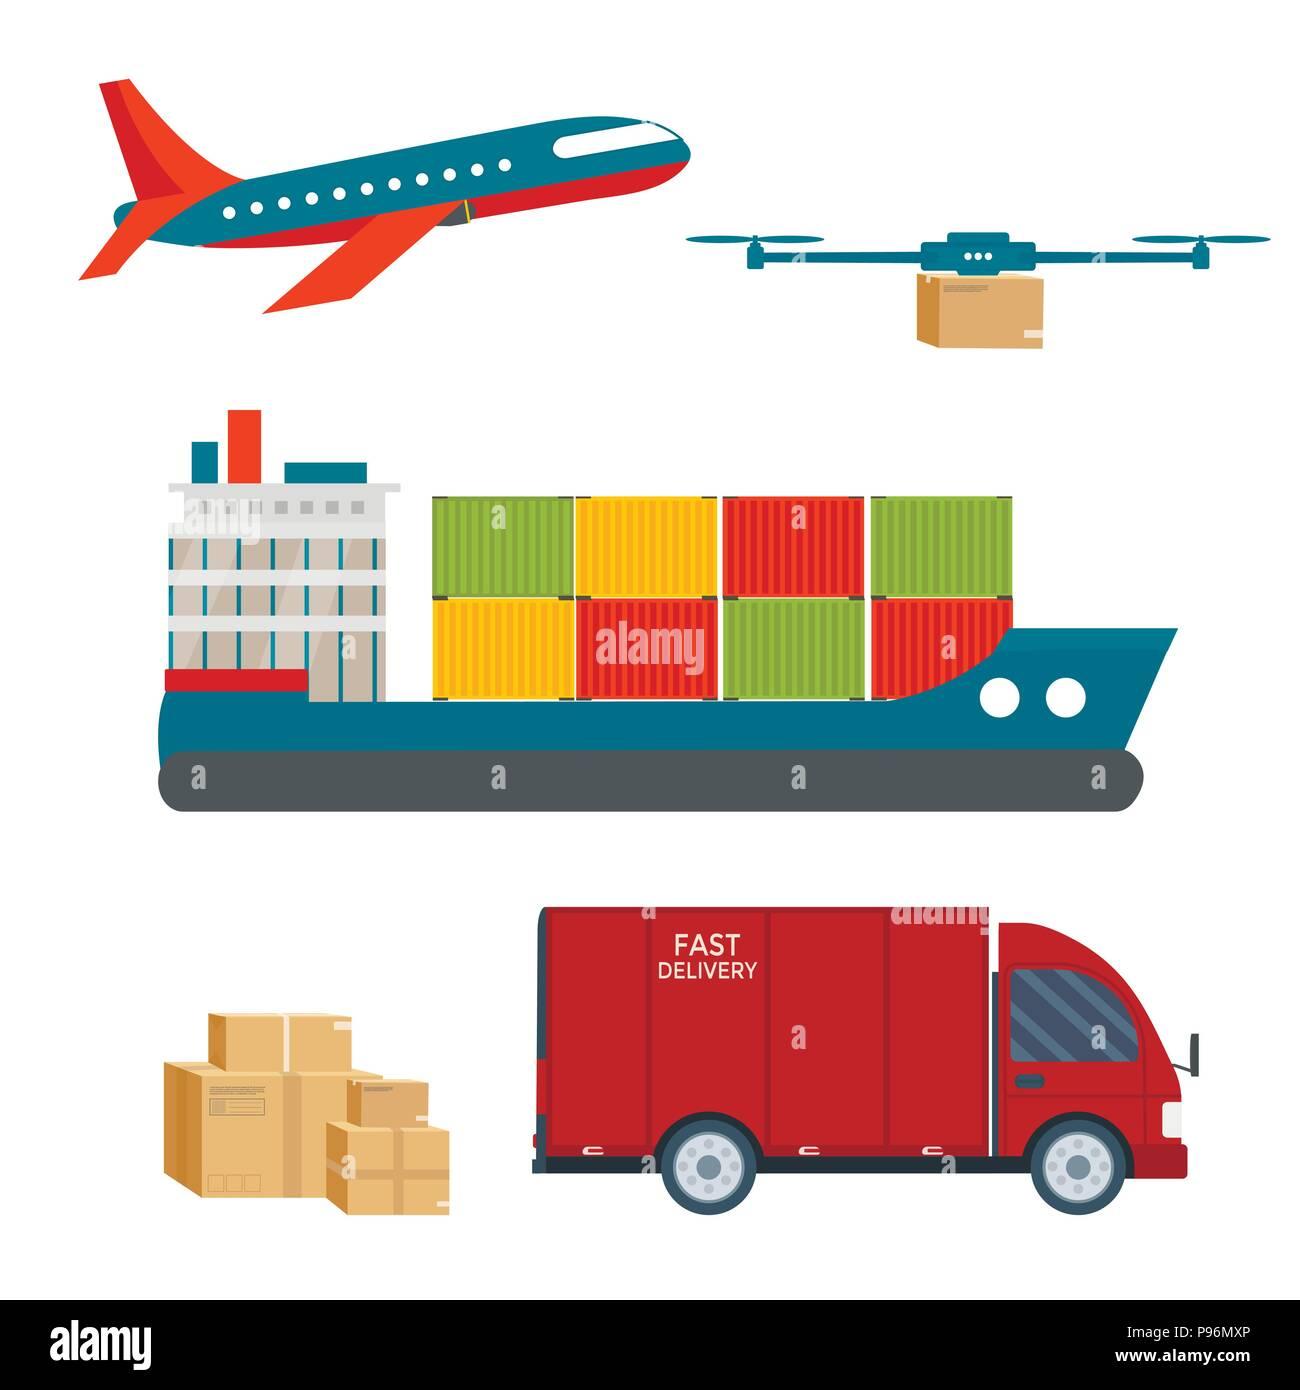 Drone Shipment Icon Stock Photos & Drone Shipment Icon Stock Images - Alamy  Drone Shipment ...